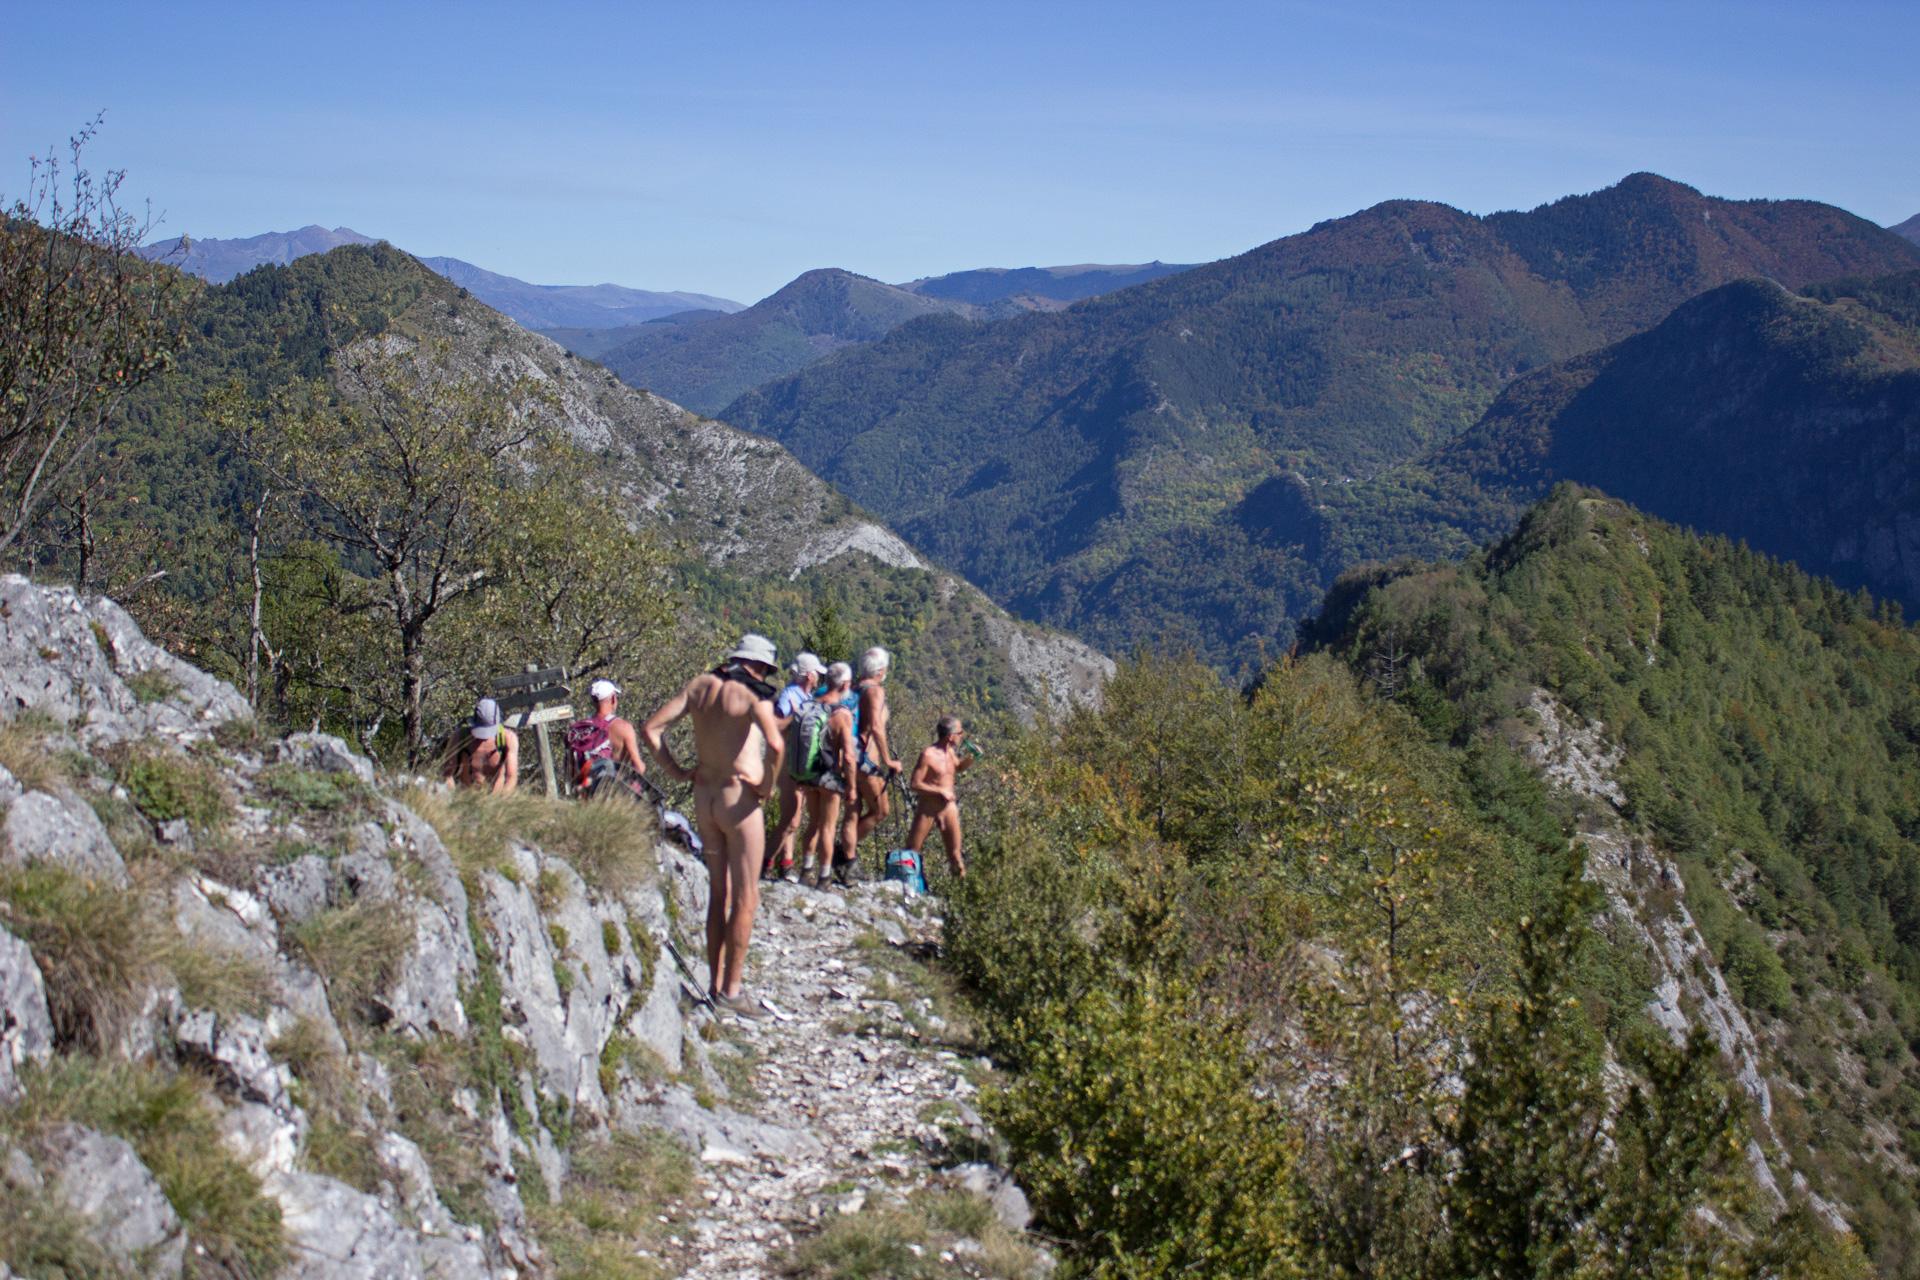 Un site nouveau pour des rassemblements naturistes